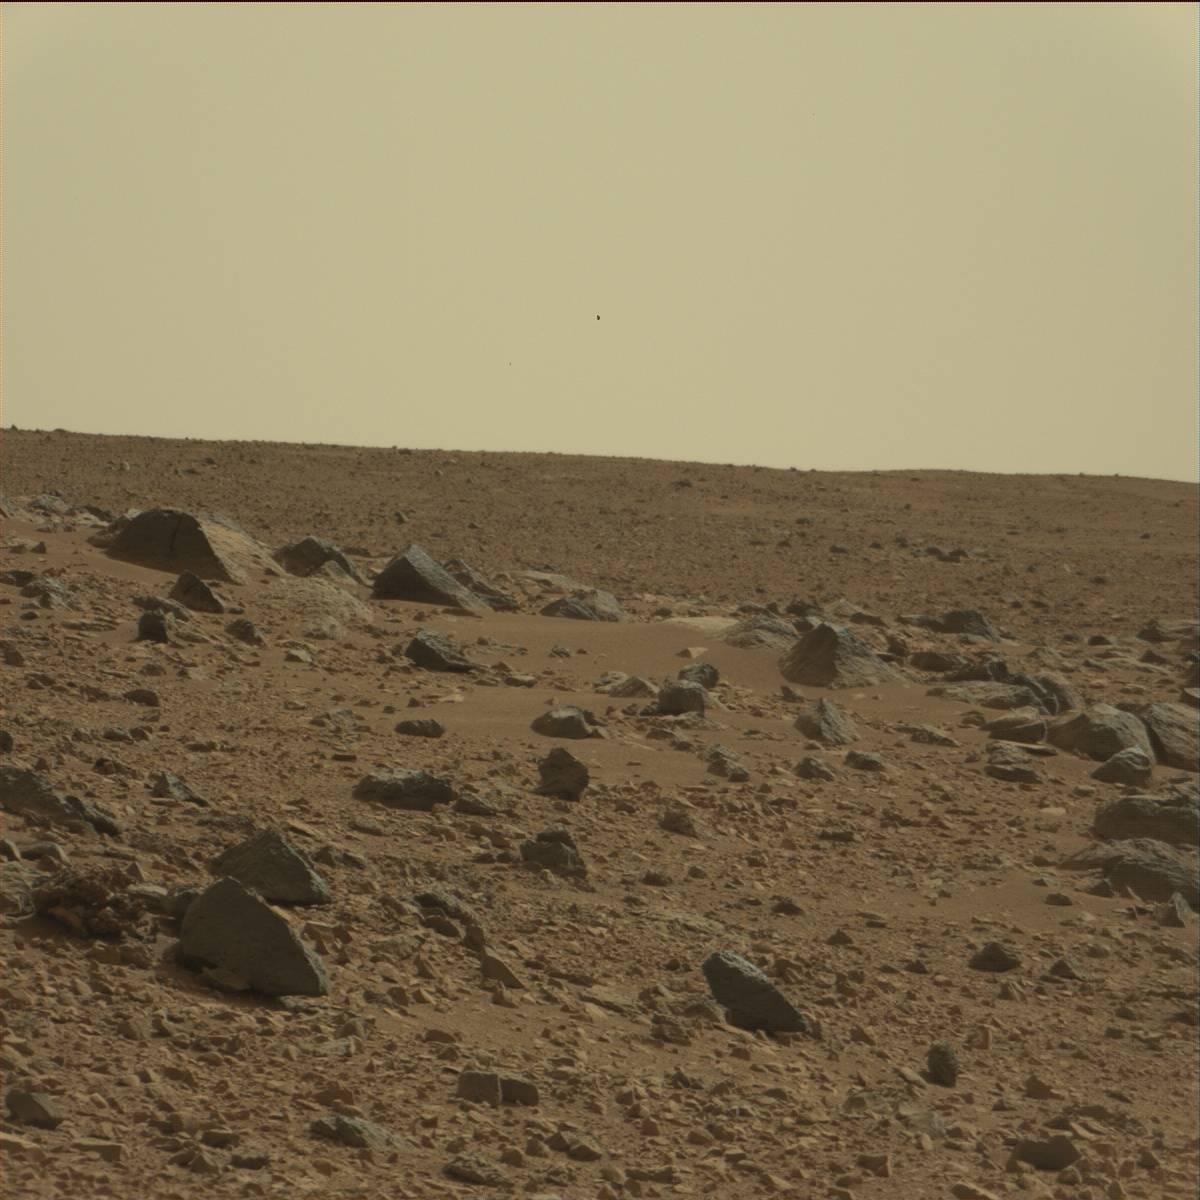 rover 75 mars - photo #20